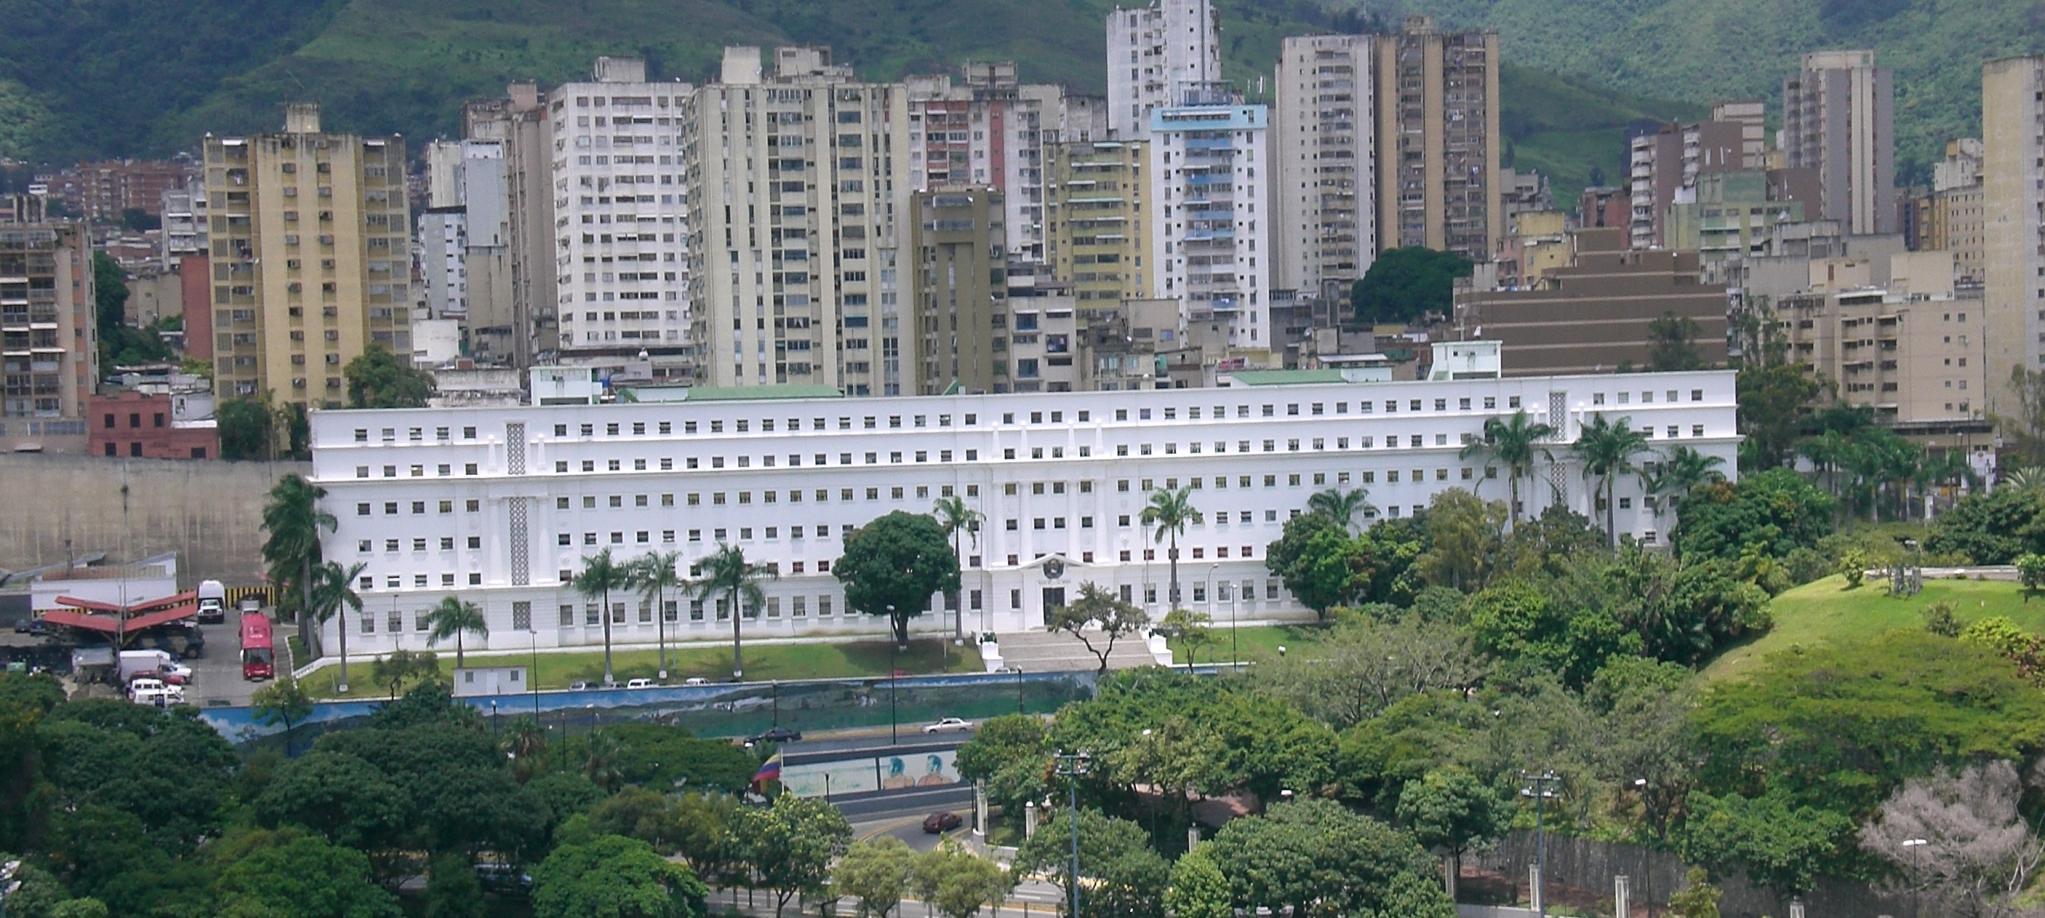 """En este edificio blanco rectangular, ubicado frente al Palacio Presidencial de Miraflores, en el noroeste de Caracas, Venezuela, opera uno de los """"bunkers"""" del gobierno de Nicolás Maduro que espía masivamente las comunicaciones privadas de miles de venezolano"""